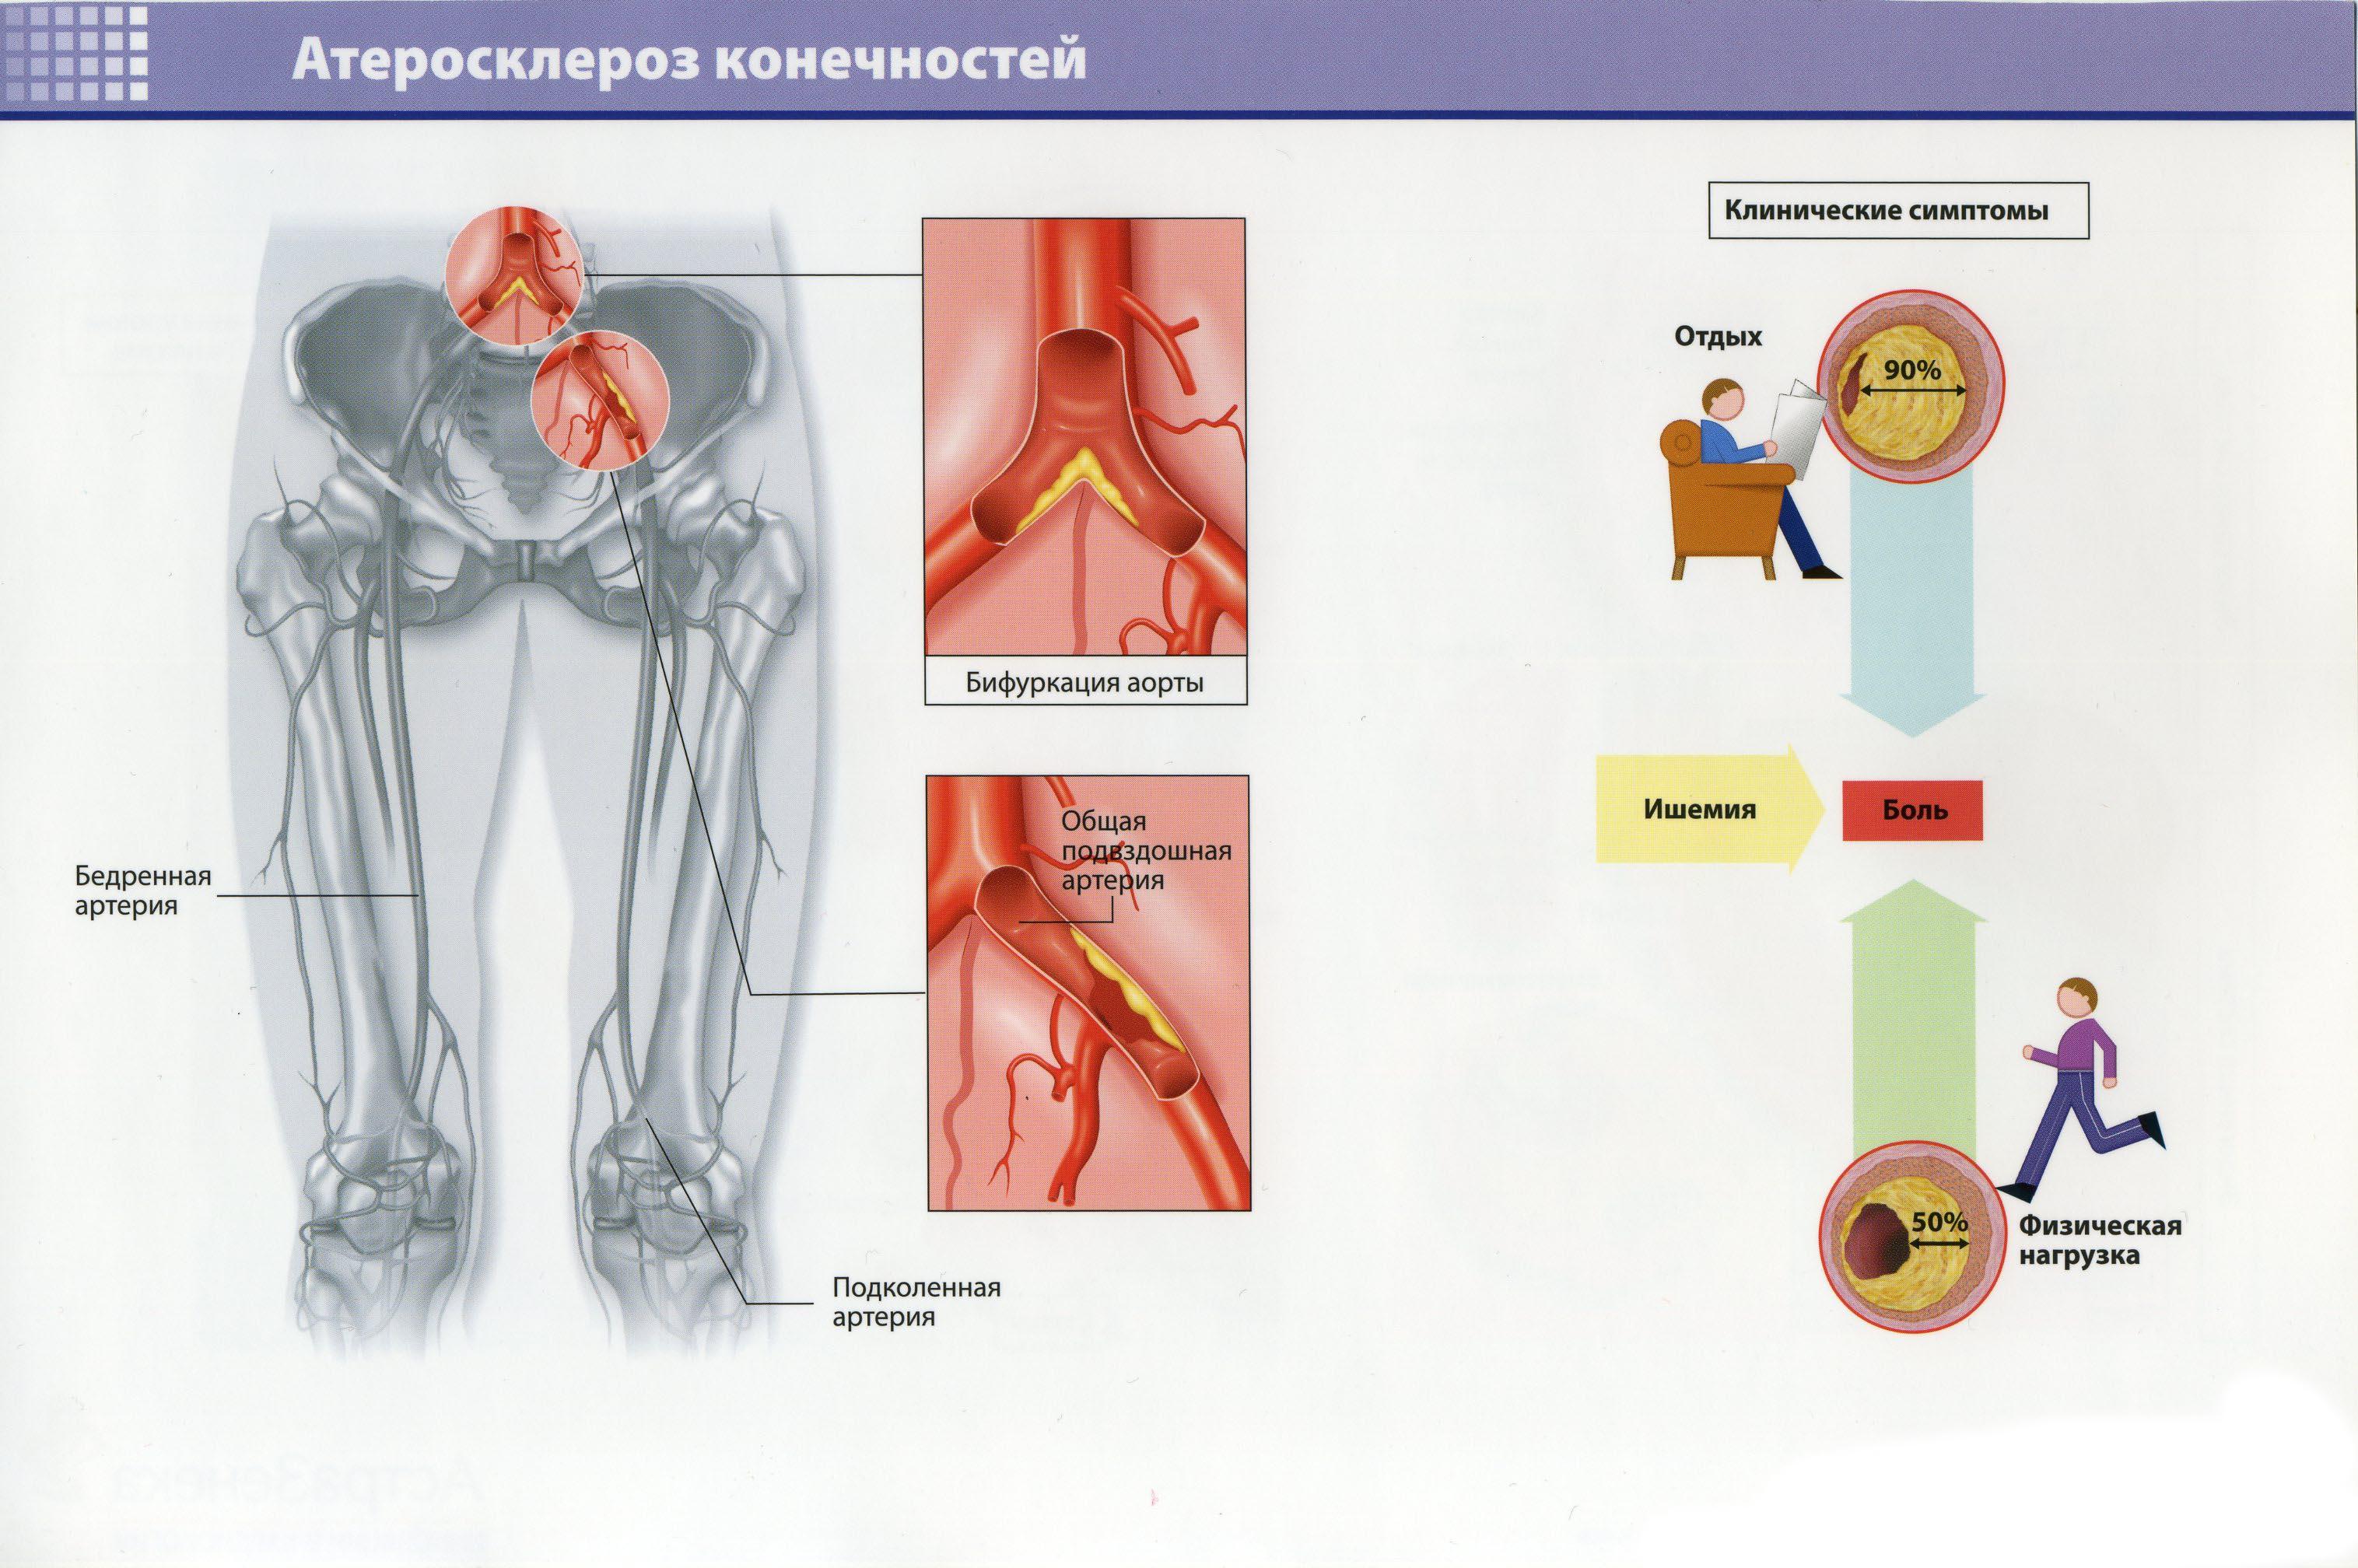 Атеросклероз конечностей